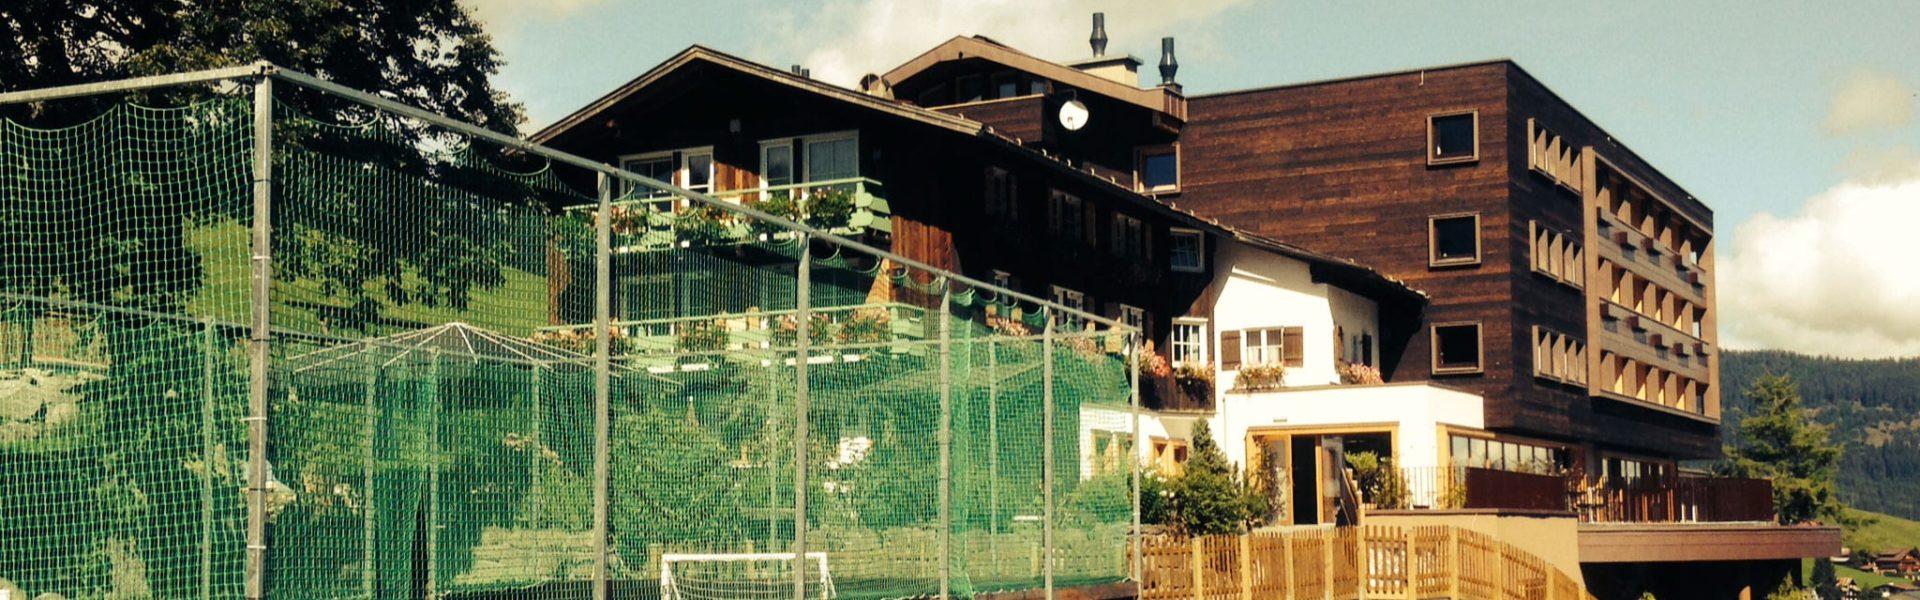 Top Family Familienhotel - Das Alphotel, Hirschegg, Kleinwalsertal, Außenansicht Sommer © Das Alphotel